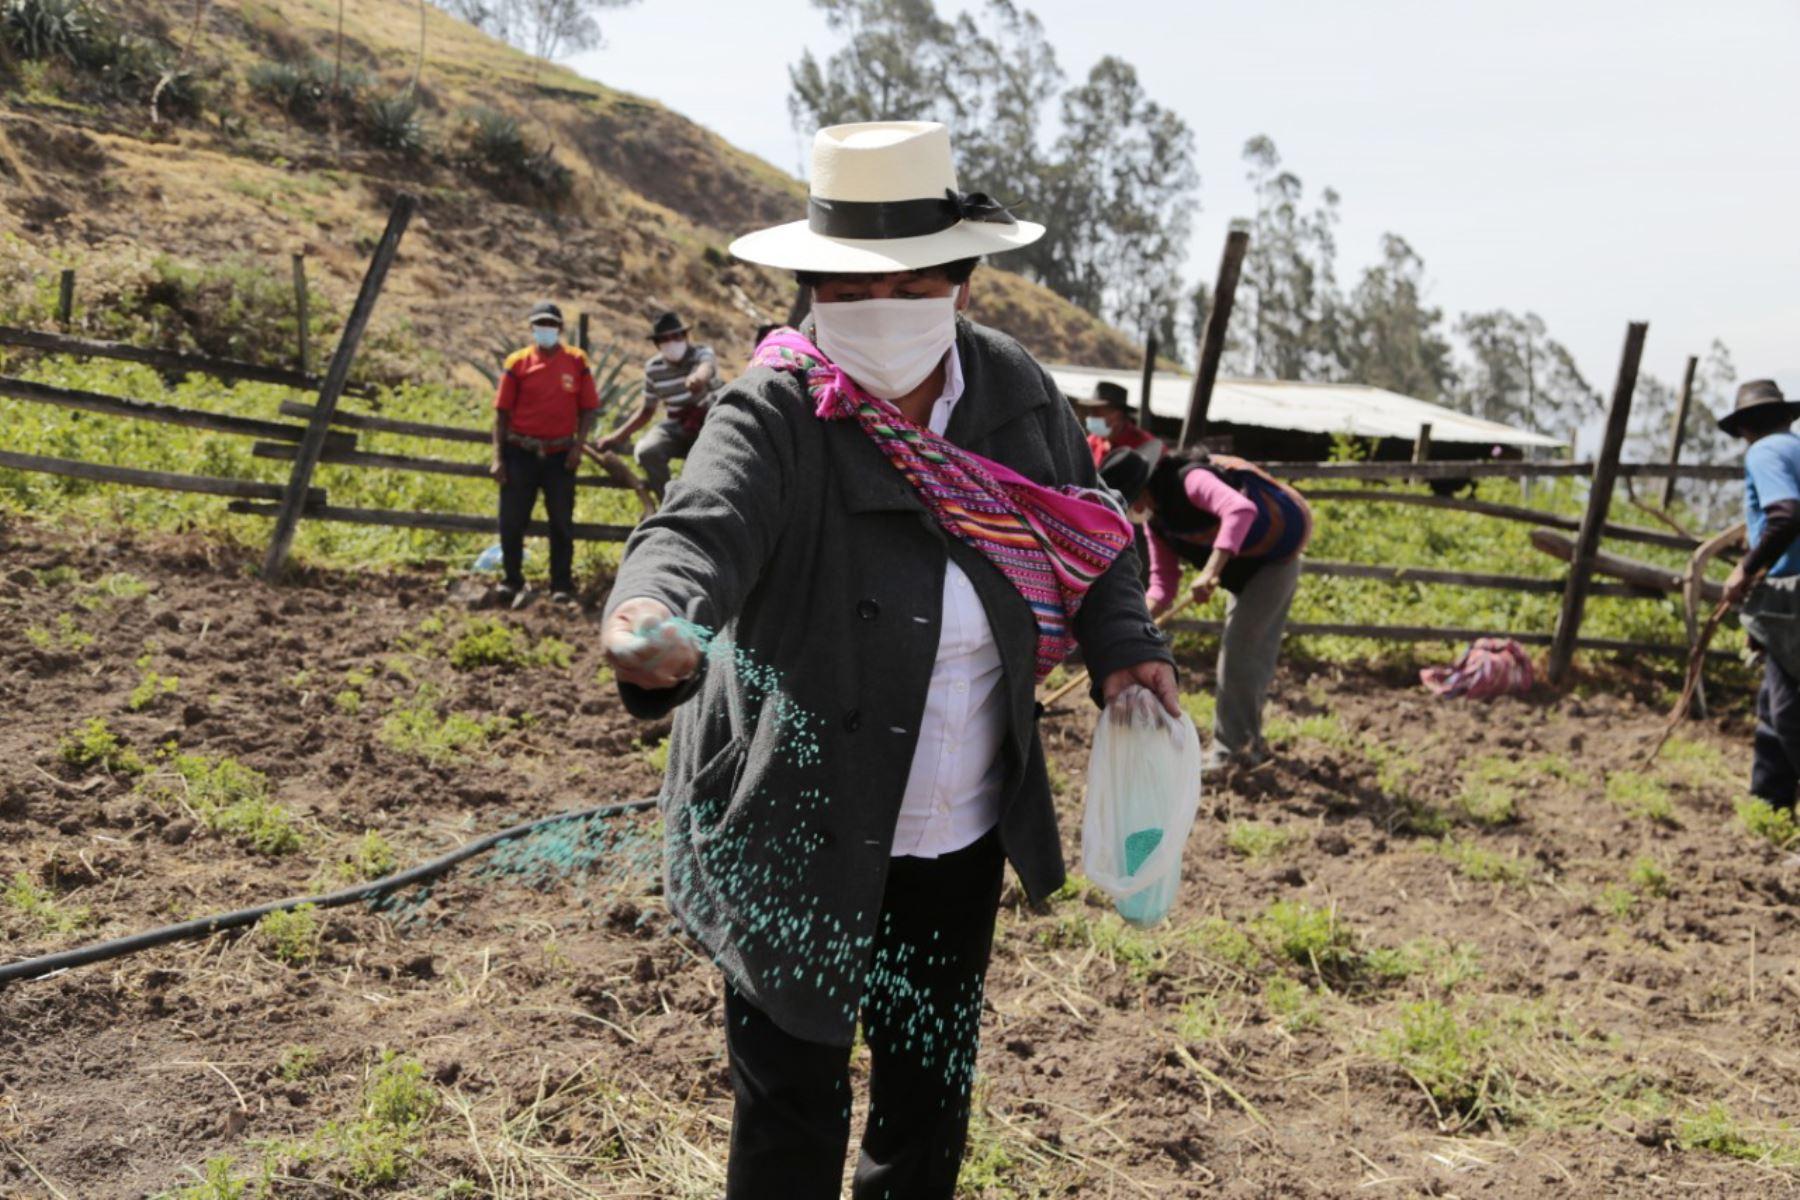 La Campaña de Siembra de Pastos y Forrajes 2020-2021 en Lima Provincias favorecerá de manera directa a un total de 1 260 familias rurales, dedicadas a las diferentes actividades ganaderas. Foto: Minagri